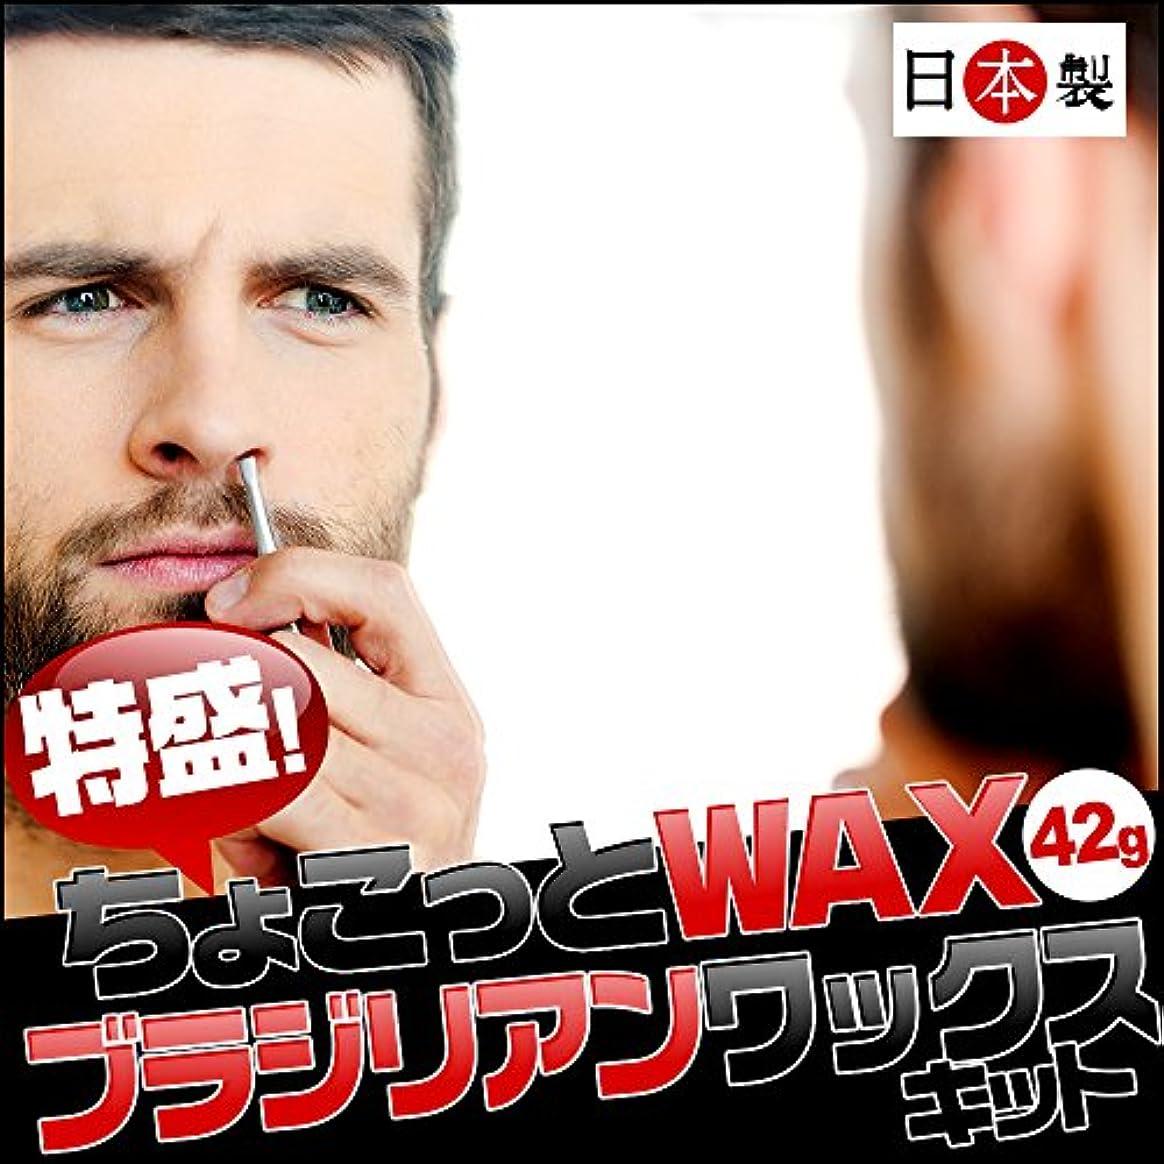 実行会計士レッスン日本製ワックスで安心!鼻毛脱毛  特盛  ちょこっとWax 6回分 (鼻毛スティック12本)